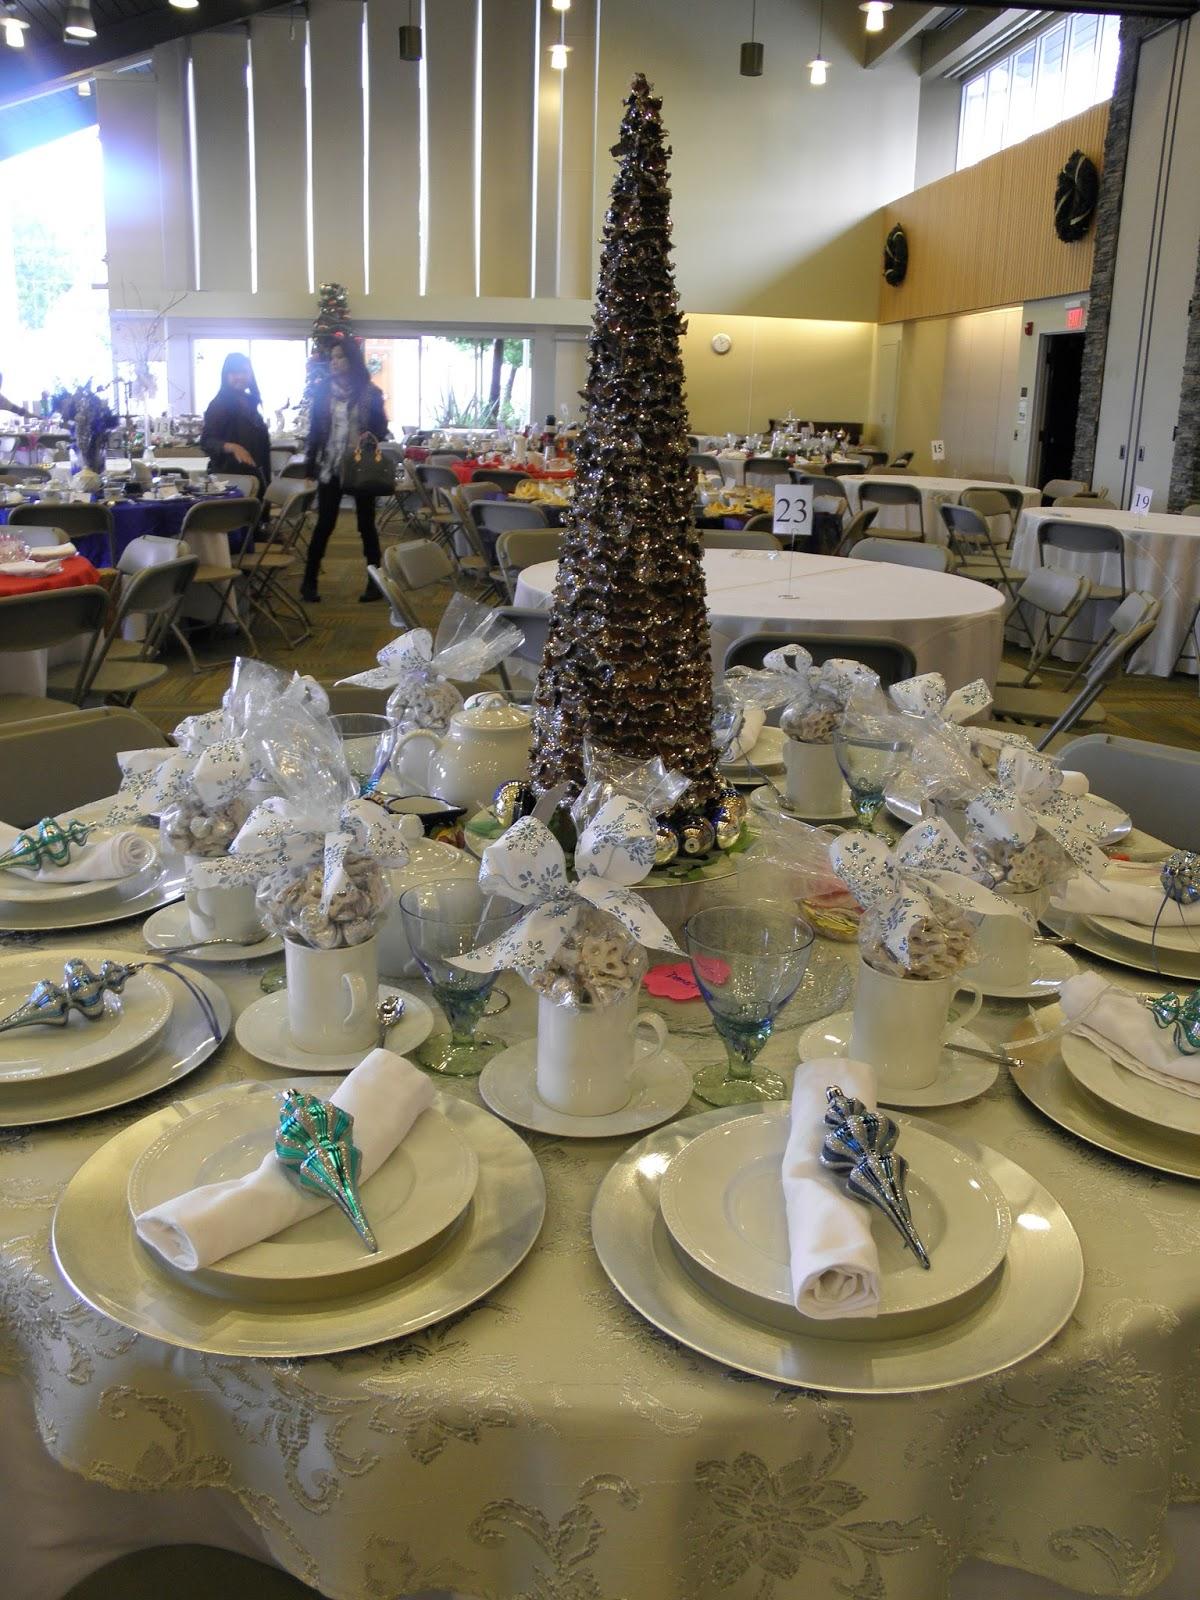 Ideas For A Church Christmas Play : Christmas plays for teens church myideasbedroom